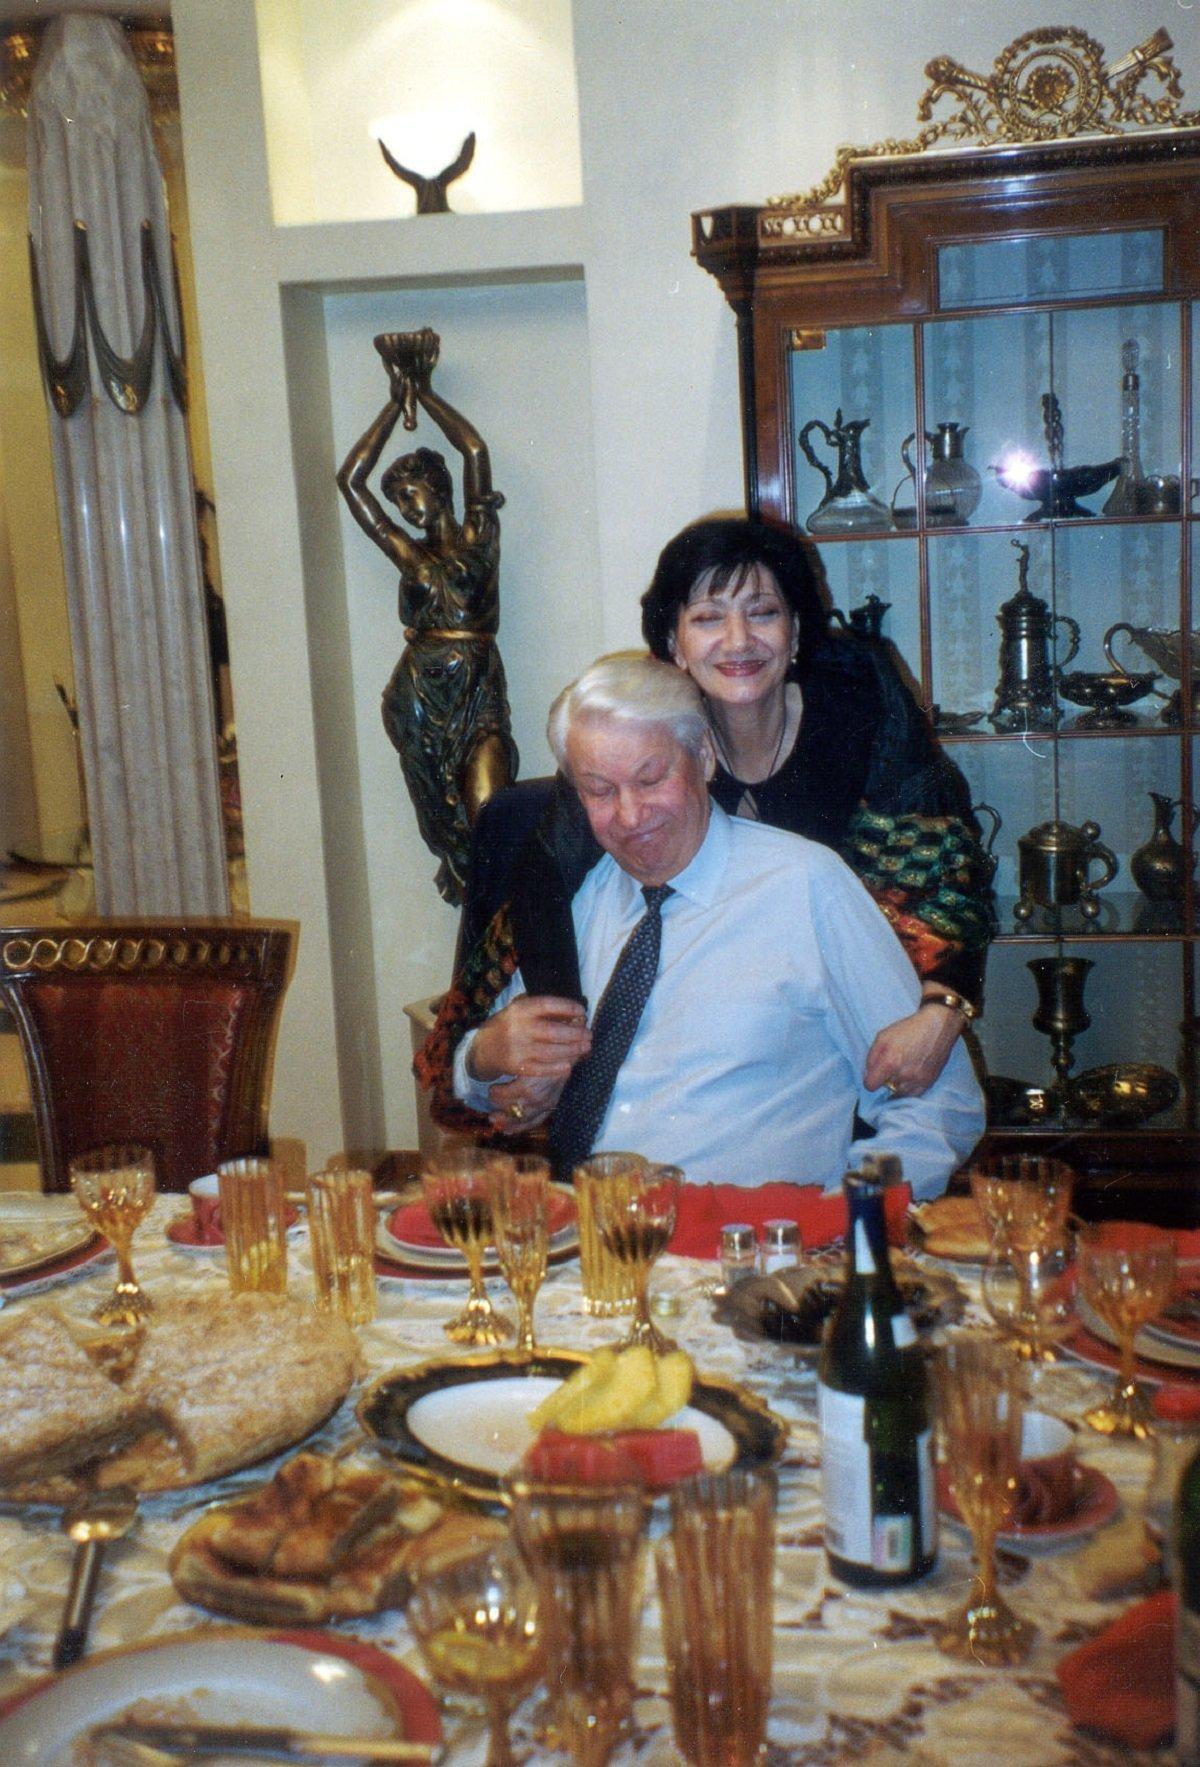 Борис Ельцин любил Грузию, грузинские застолья и песни и особенно Нани Брегвадзе